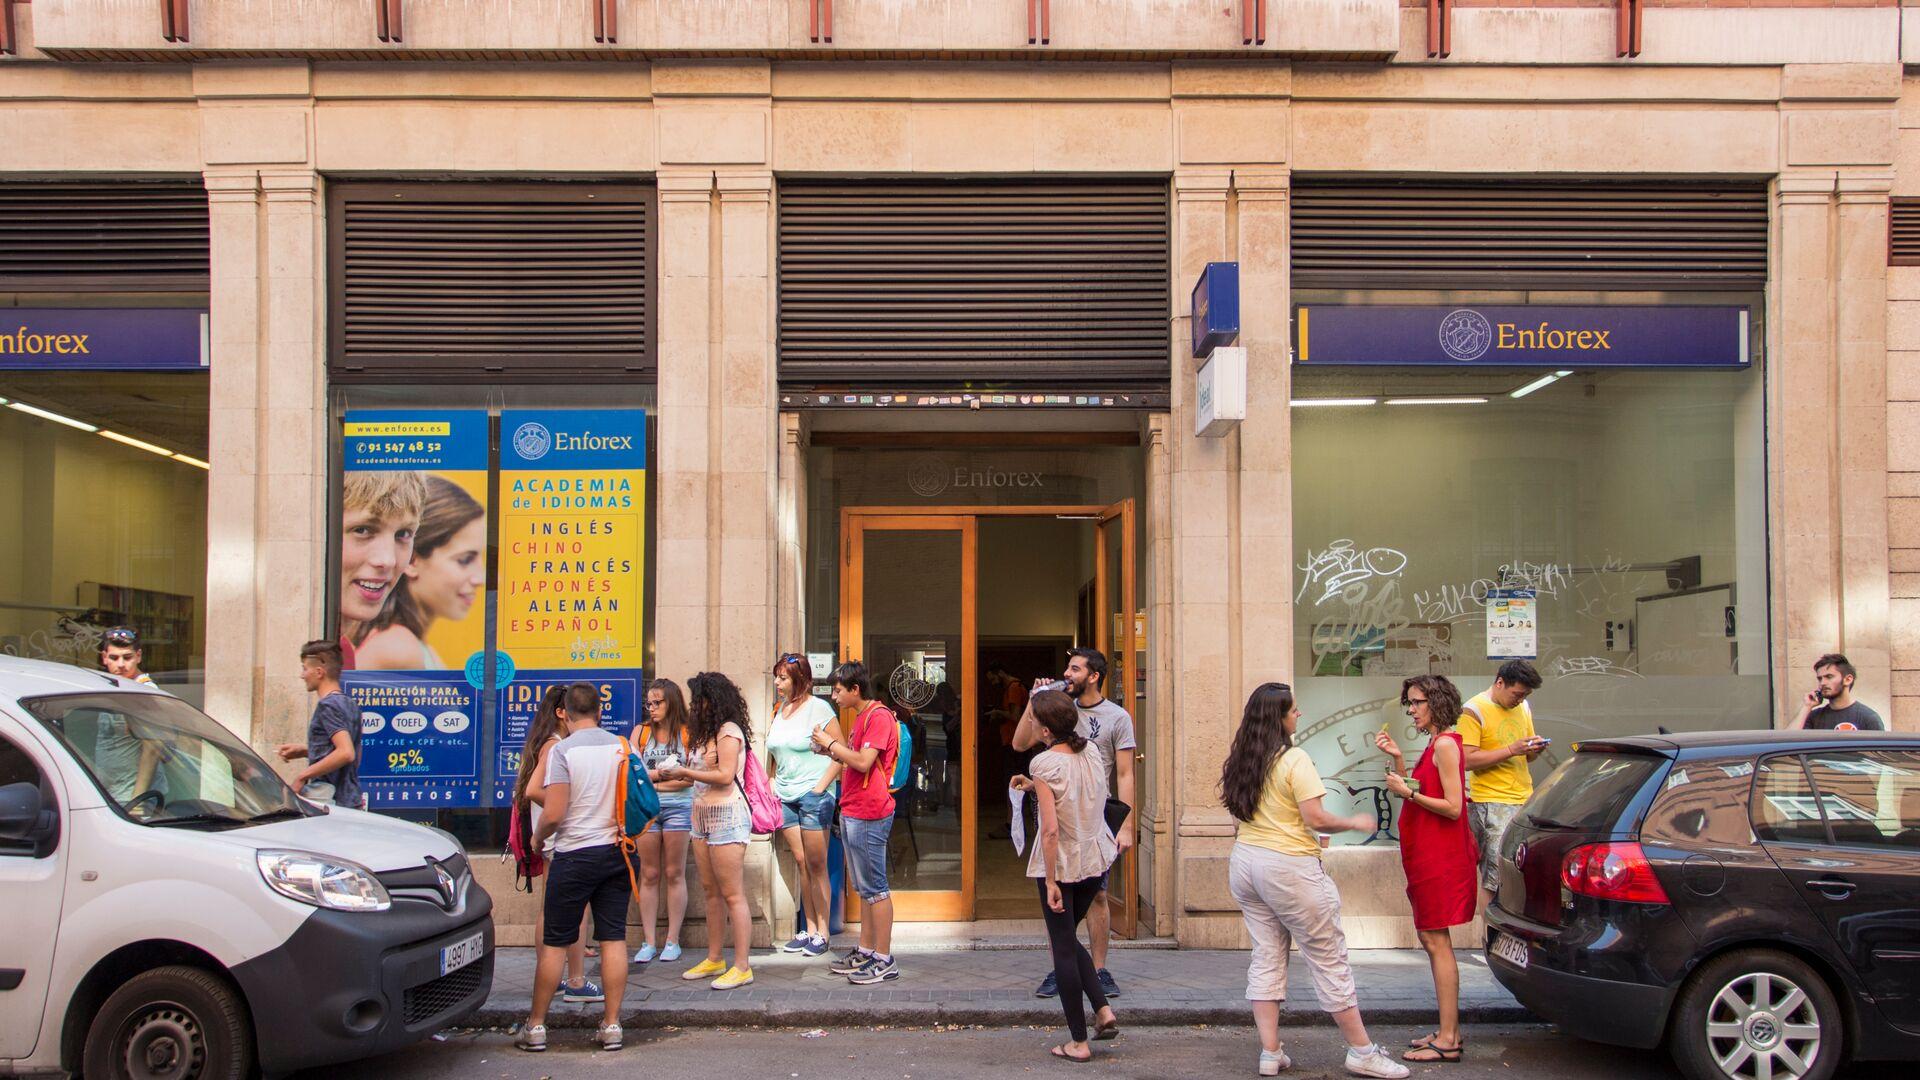 Sprachaufenthalt Spanien, Madrid - Enforex Madrid - Schule